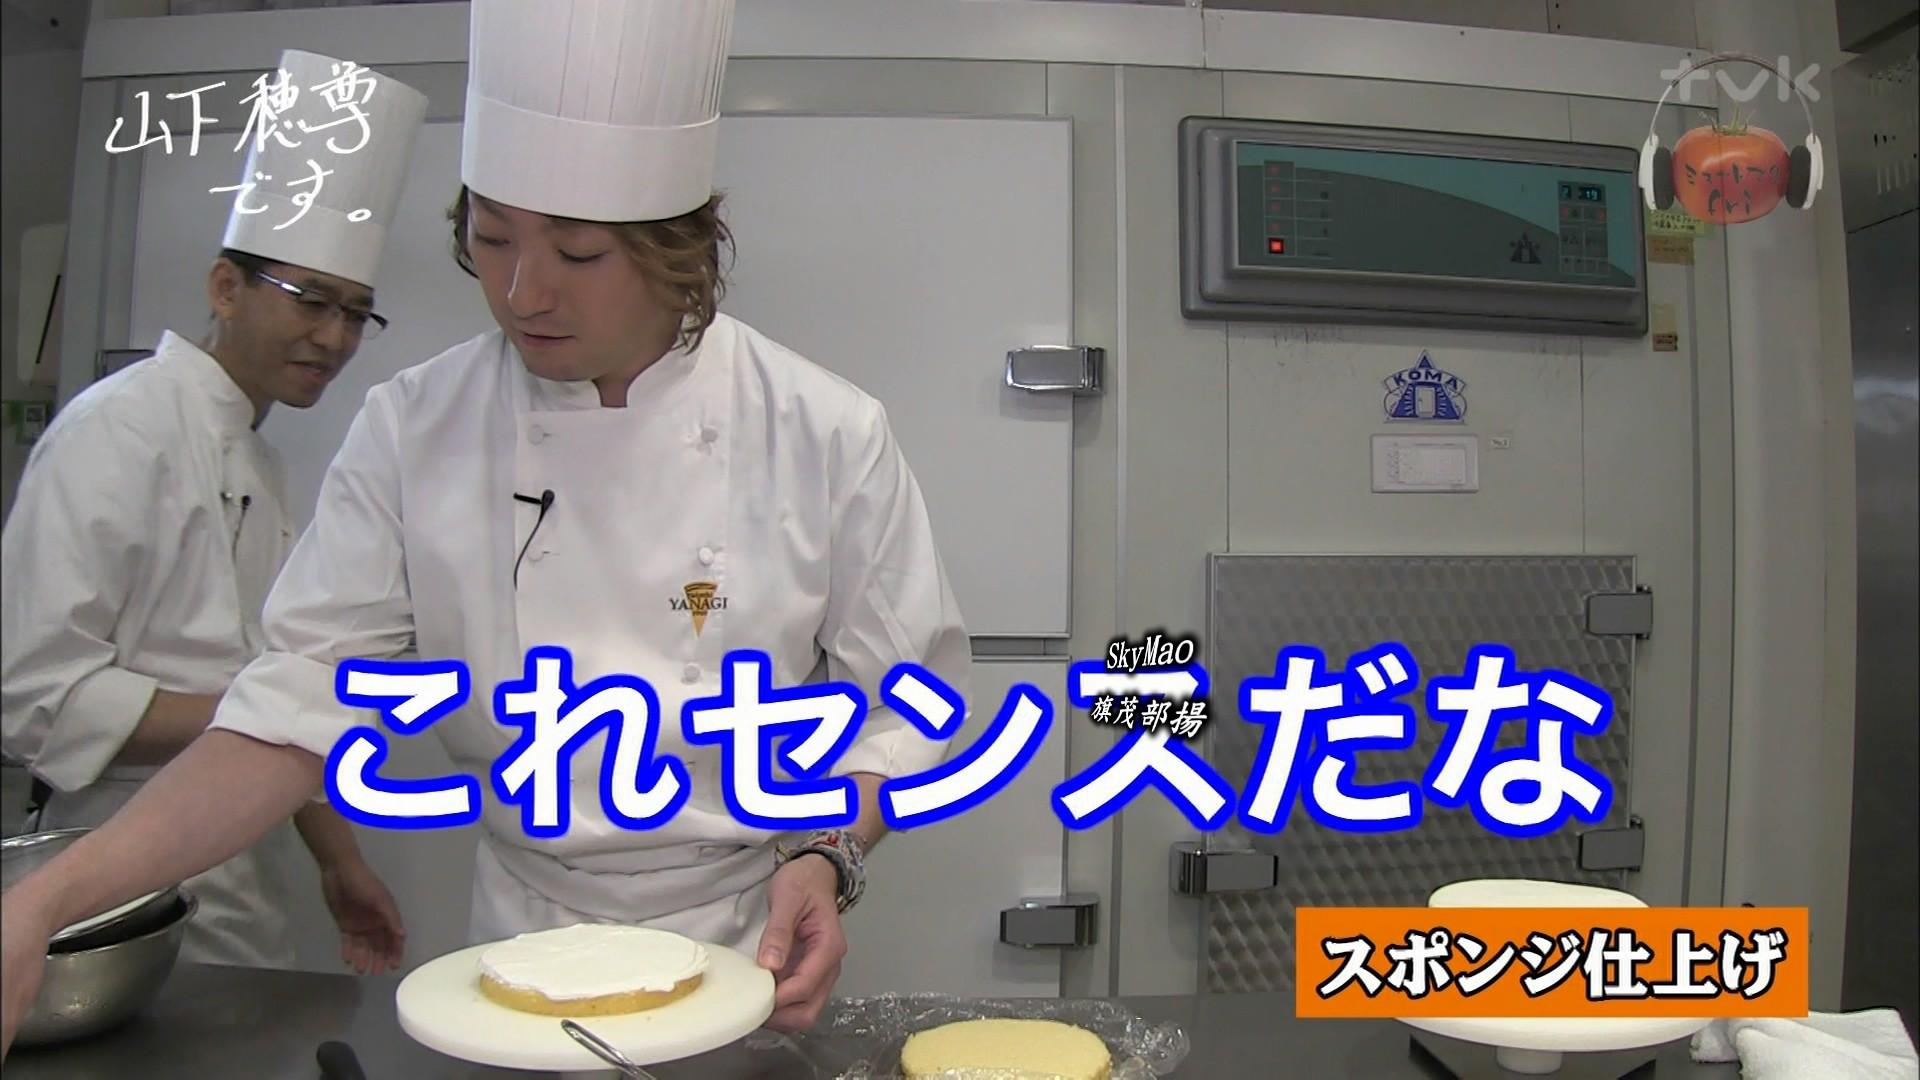 2017.08.18 全場(ミュートマ2).ts_20170819_003507.611